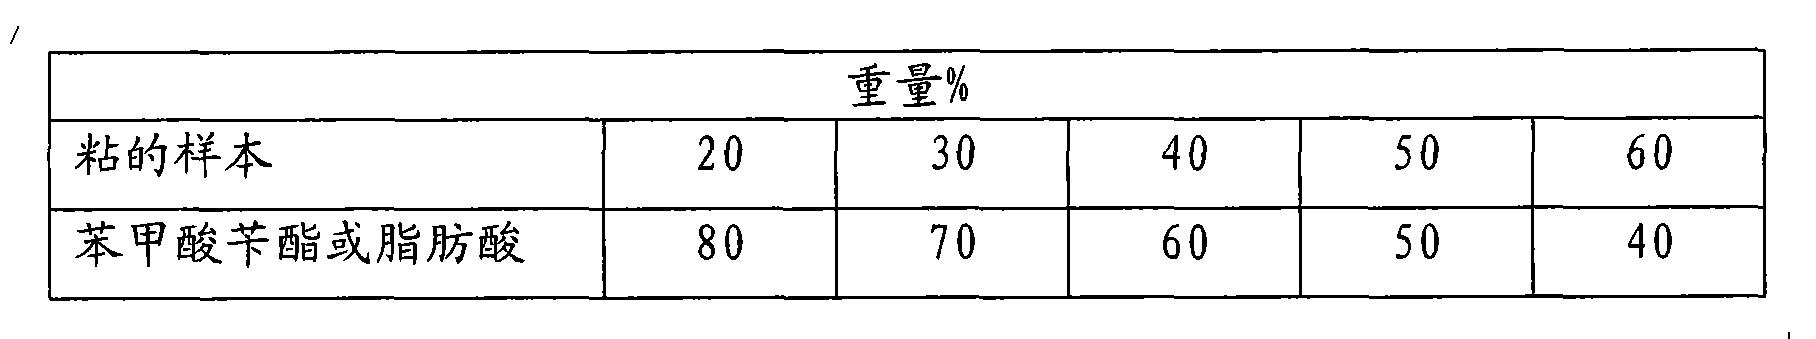 Figure CN101611129BD00311